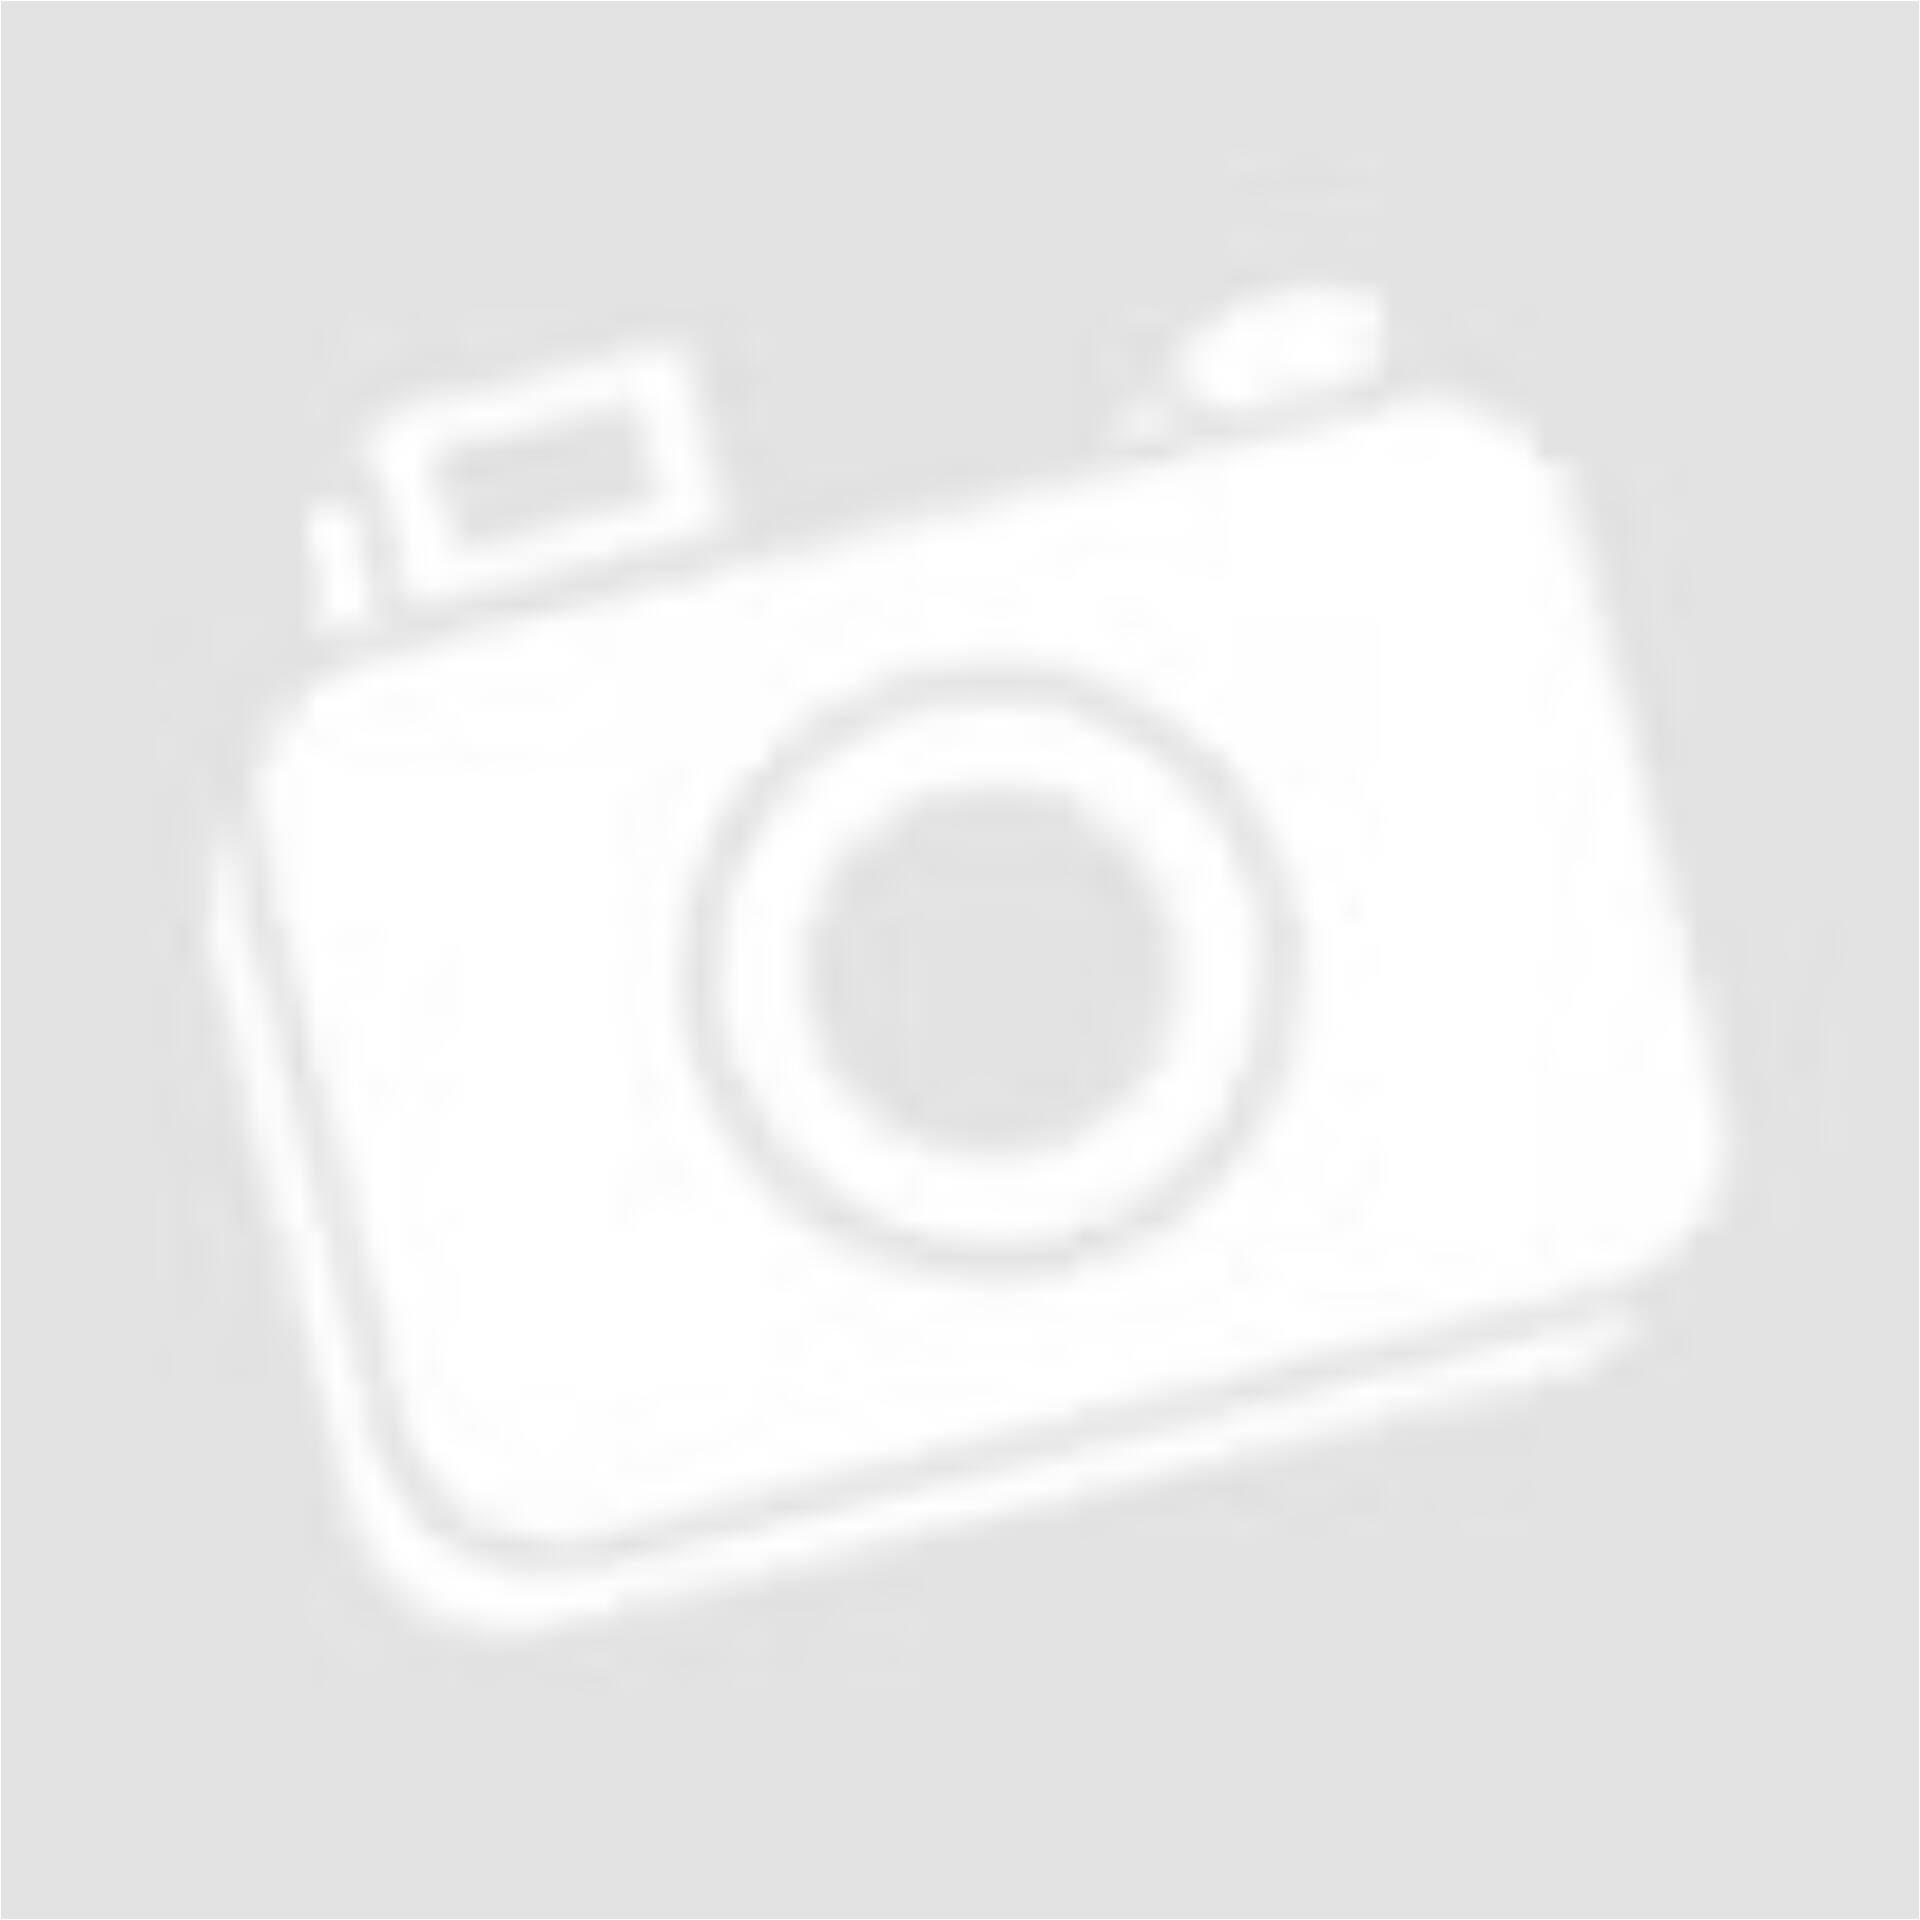 b1e708cad2f9 Pink színű Miss Etam kabát (Méret: XL) - Női dzseki, kabát, blézer ...